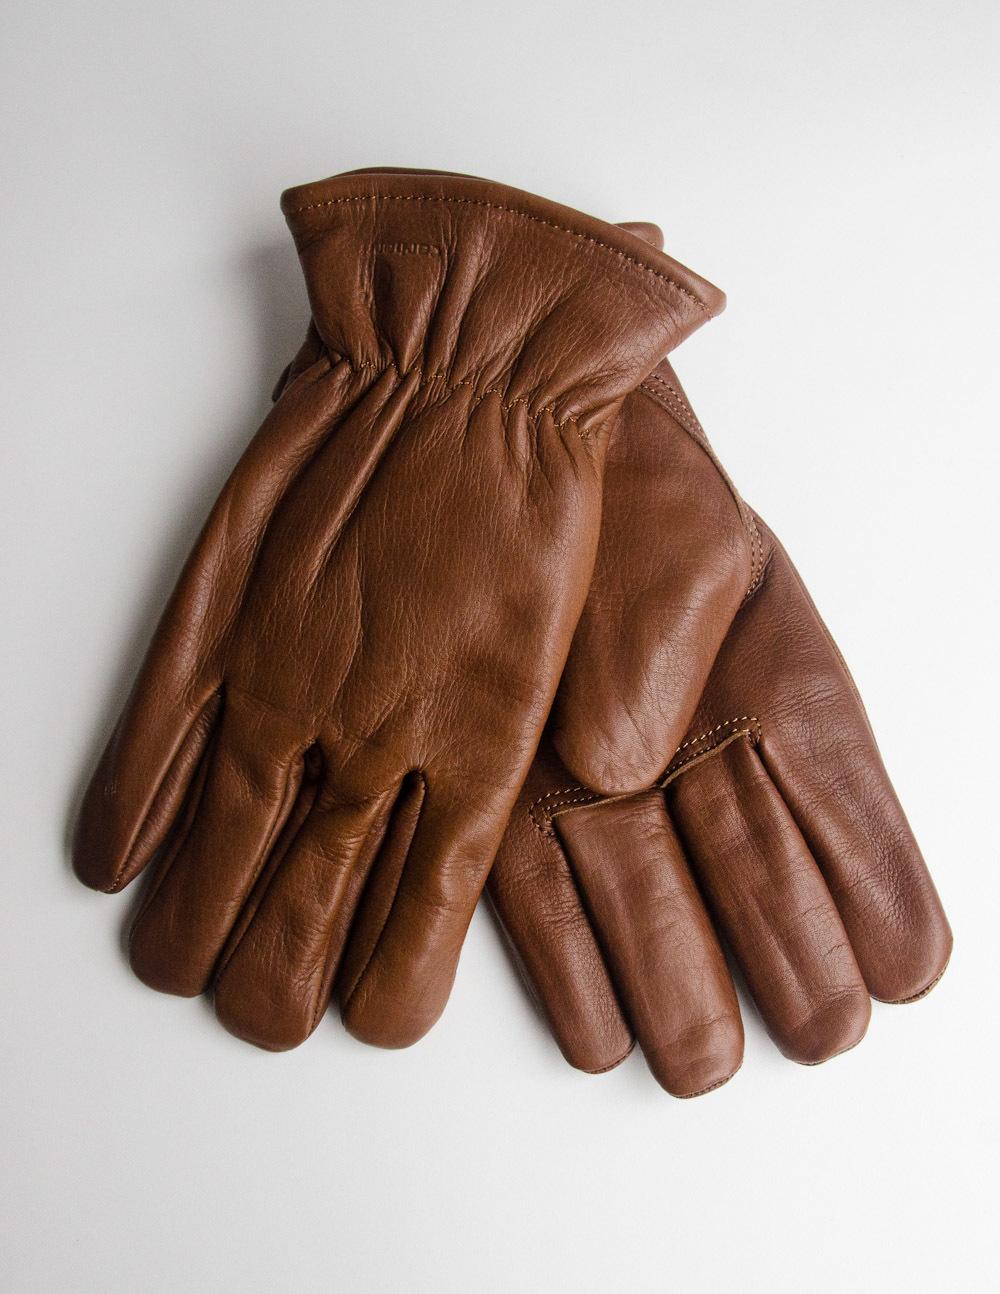 premium-picks-gloves-2.jpg